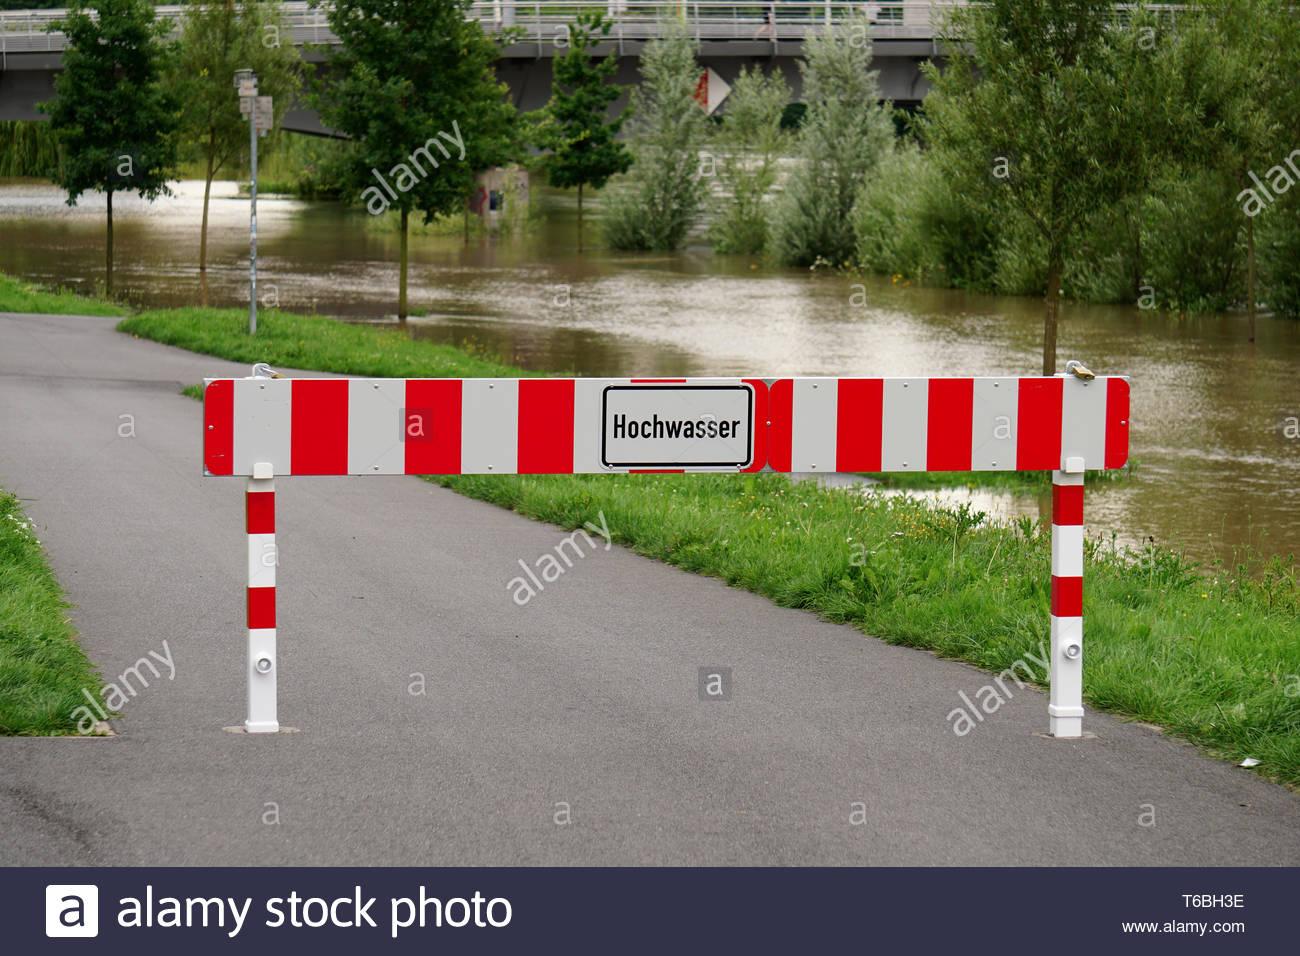 Hochwasser in Hannover - Stock Image